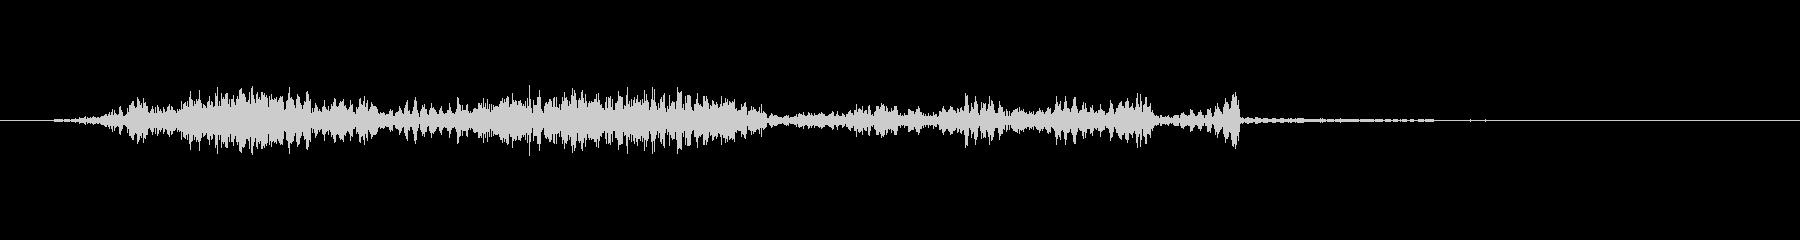 2「暗い音、不安定な音、真っ暗闇」の未再生の波形